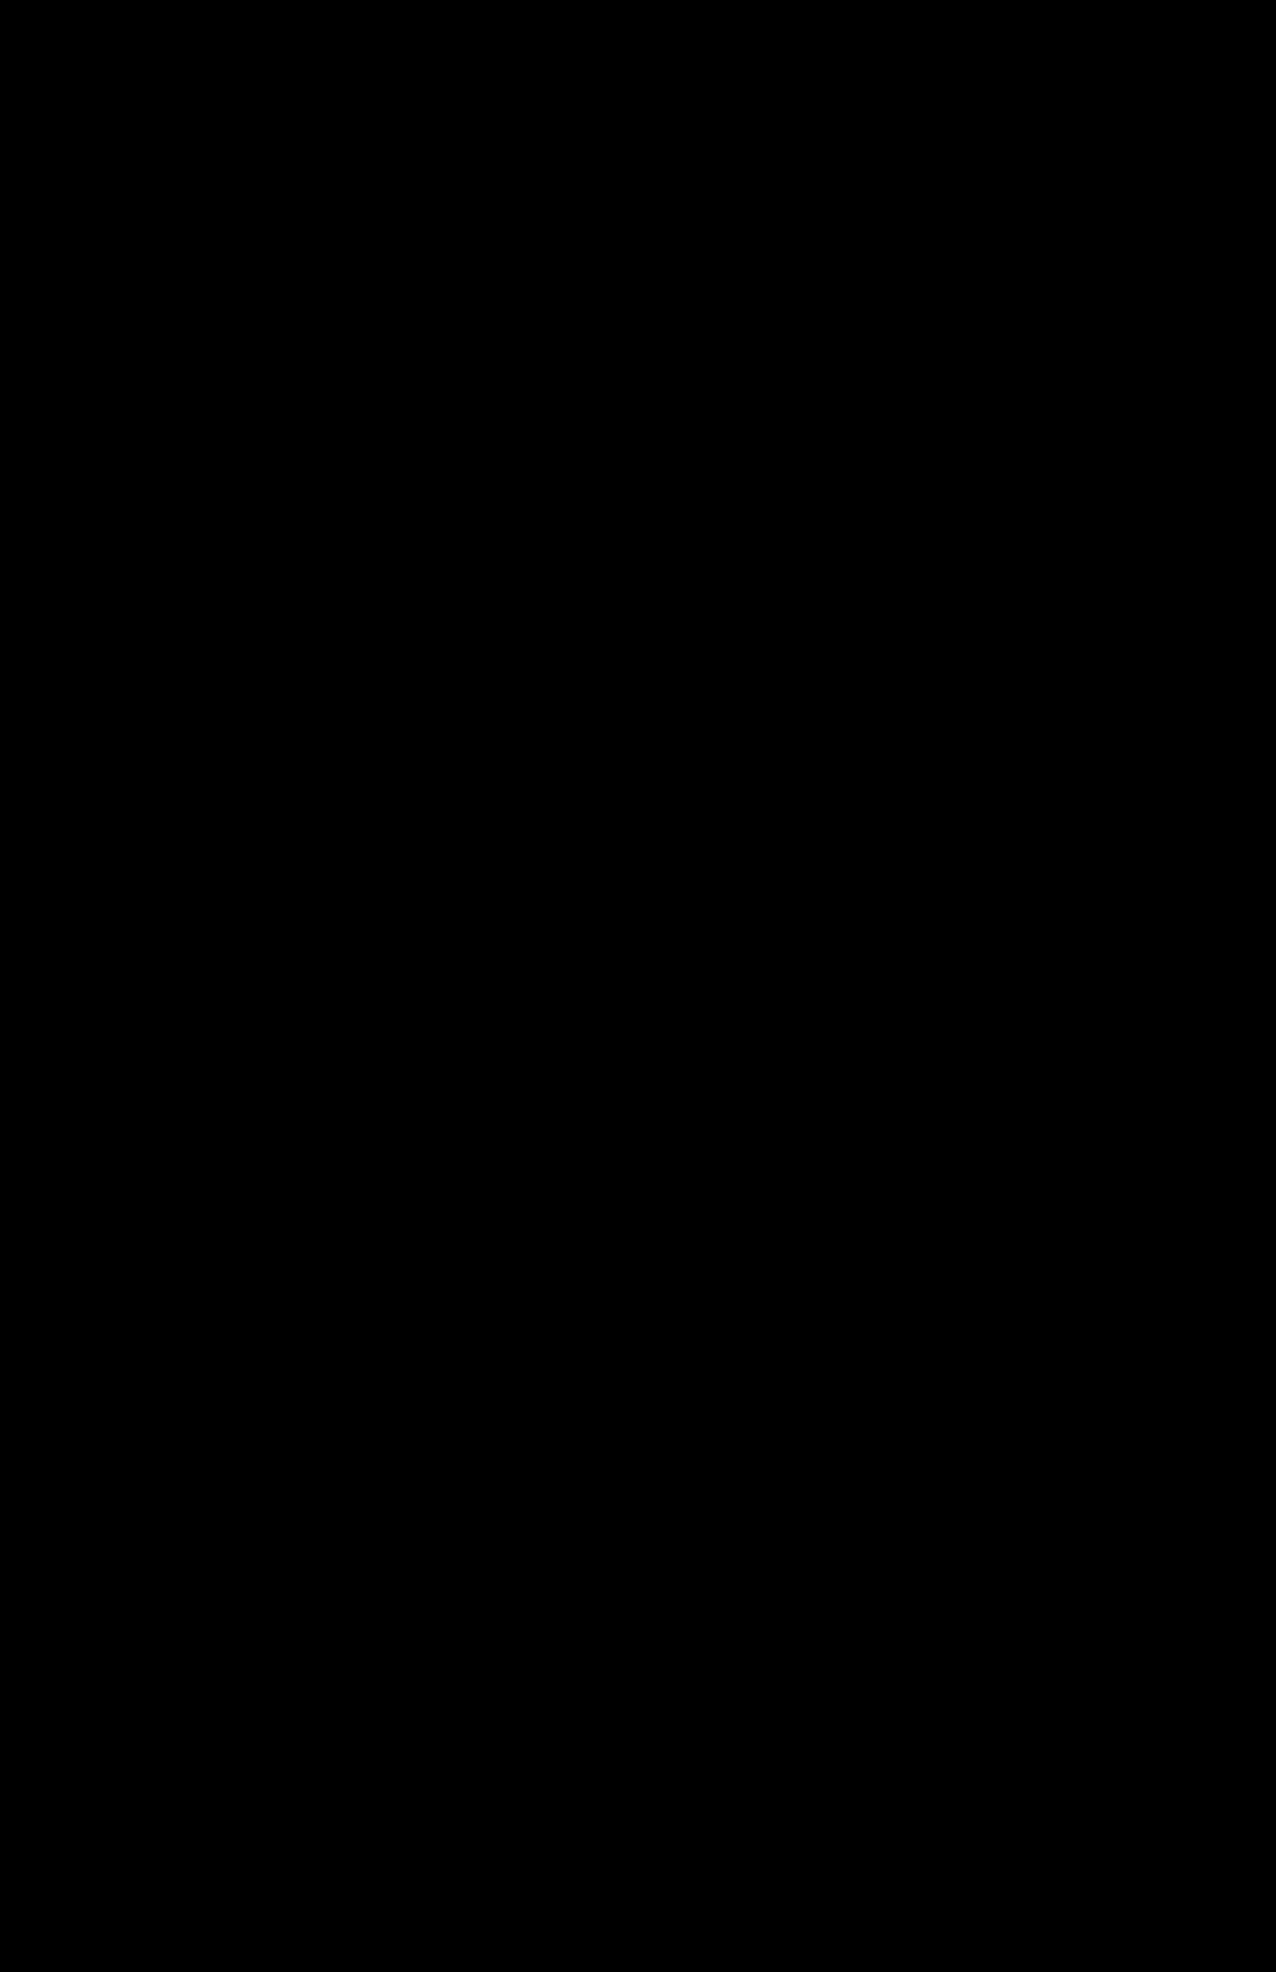 1276x1972 Running Silhouette Clip Art 101 Clip Art